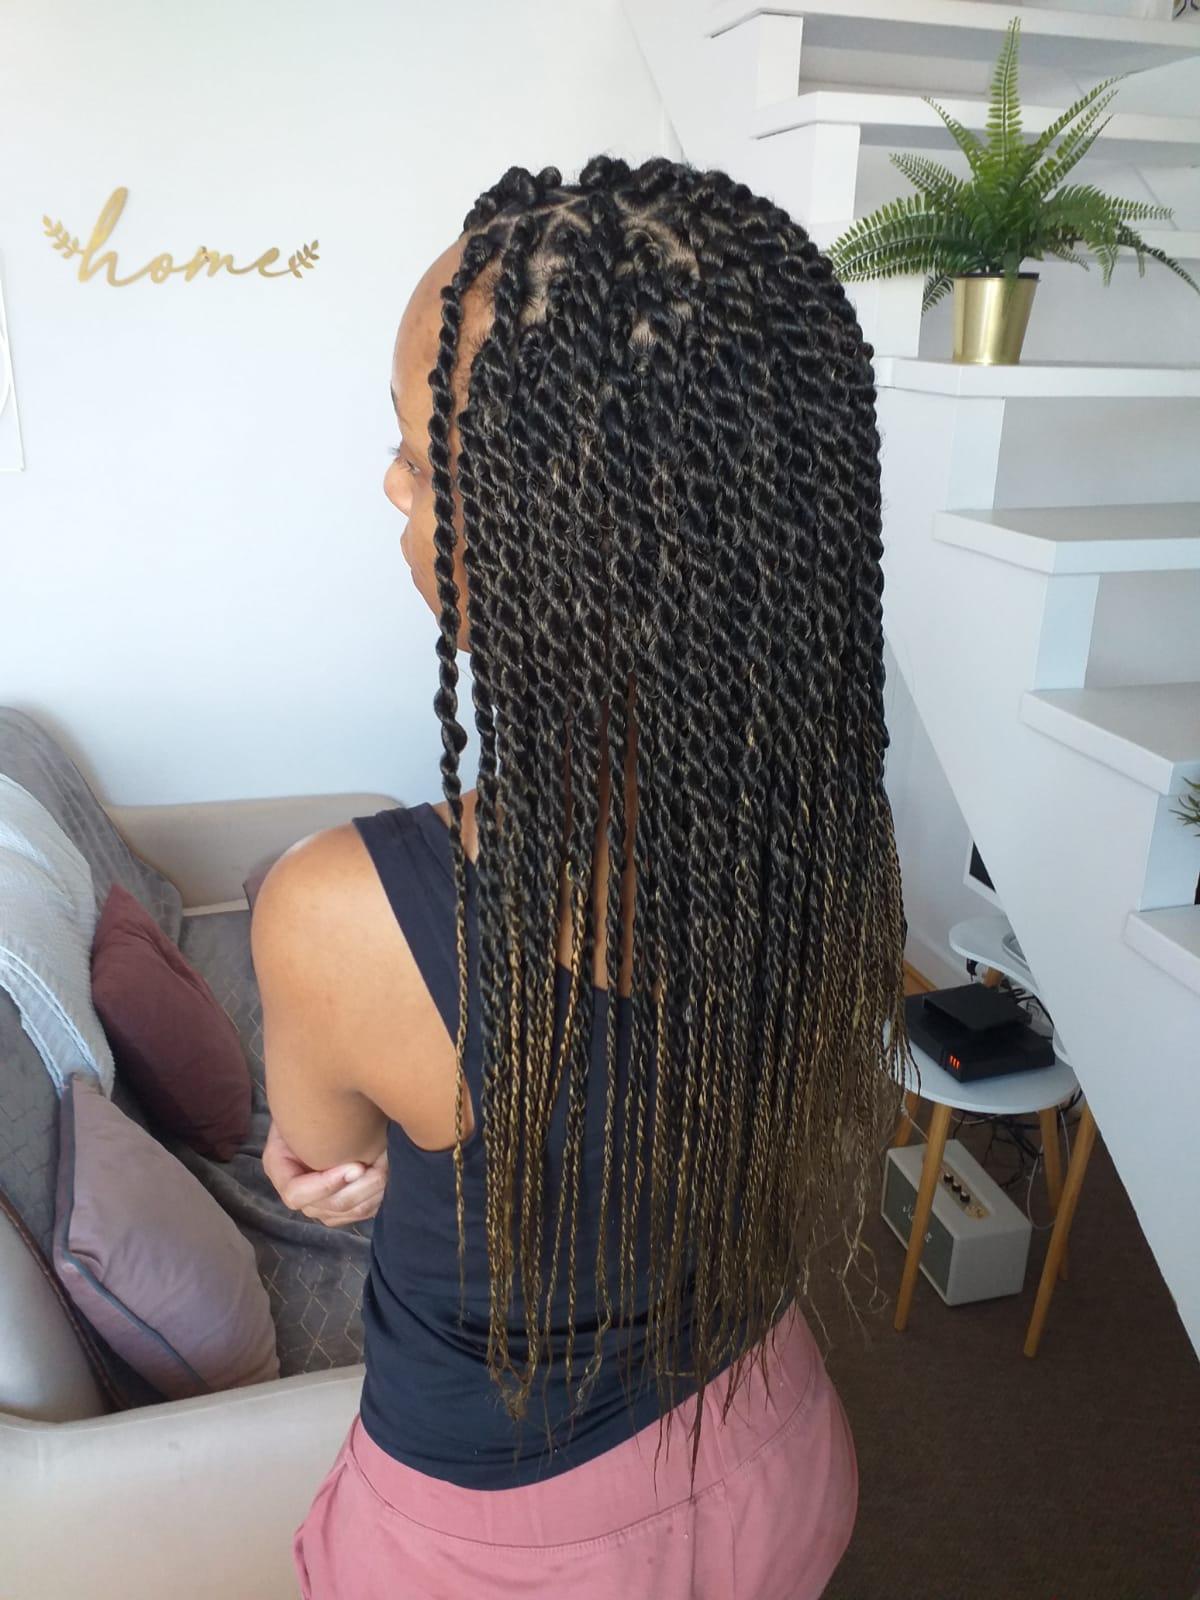 salon de coiffure afro tresse tresses box braids crochet braids vanilles tissages paris 75 77 78 91 92 93 94 95 XHZGGQDX